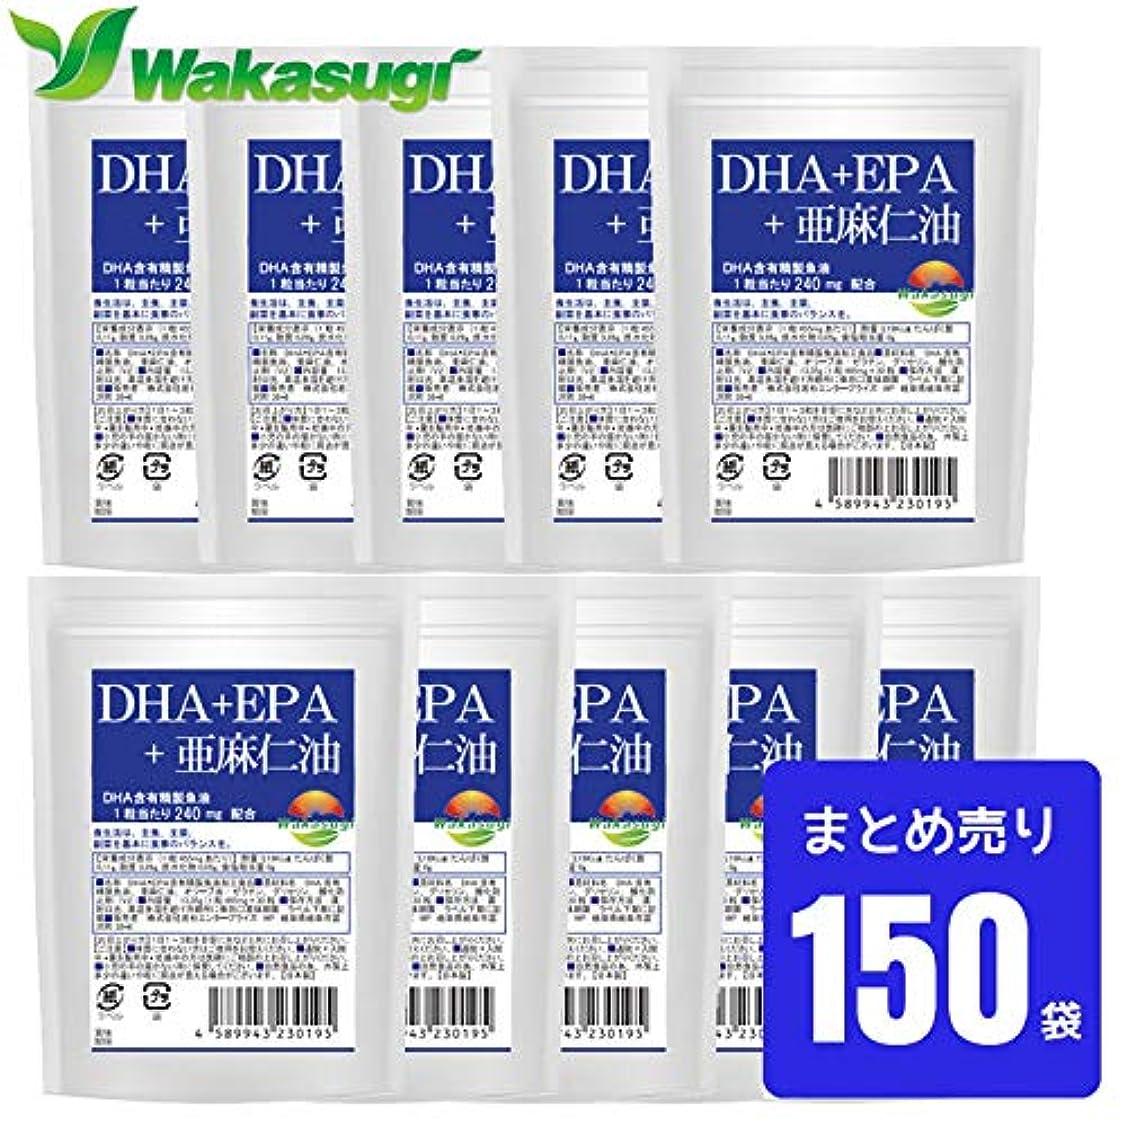 新鮮な帽子仮称DHA+EPA+亜麻仁油 ソフトカプセル30粒 150袋 合計4,500粒 まとめ売り